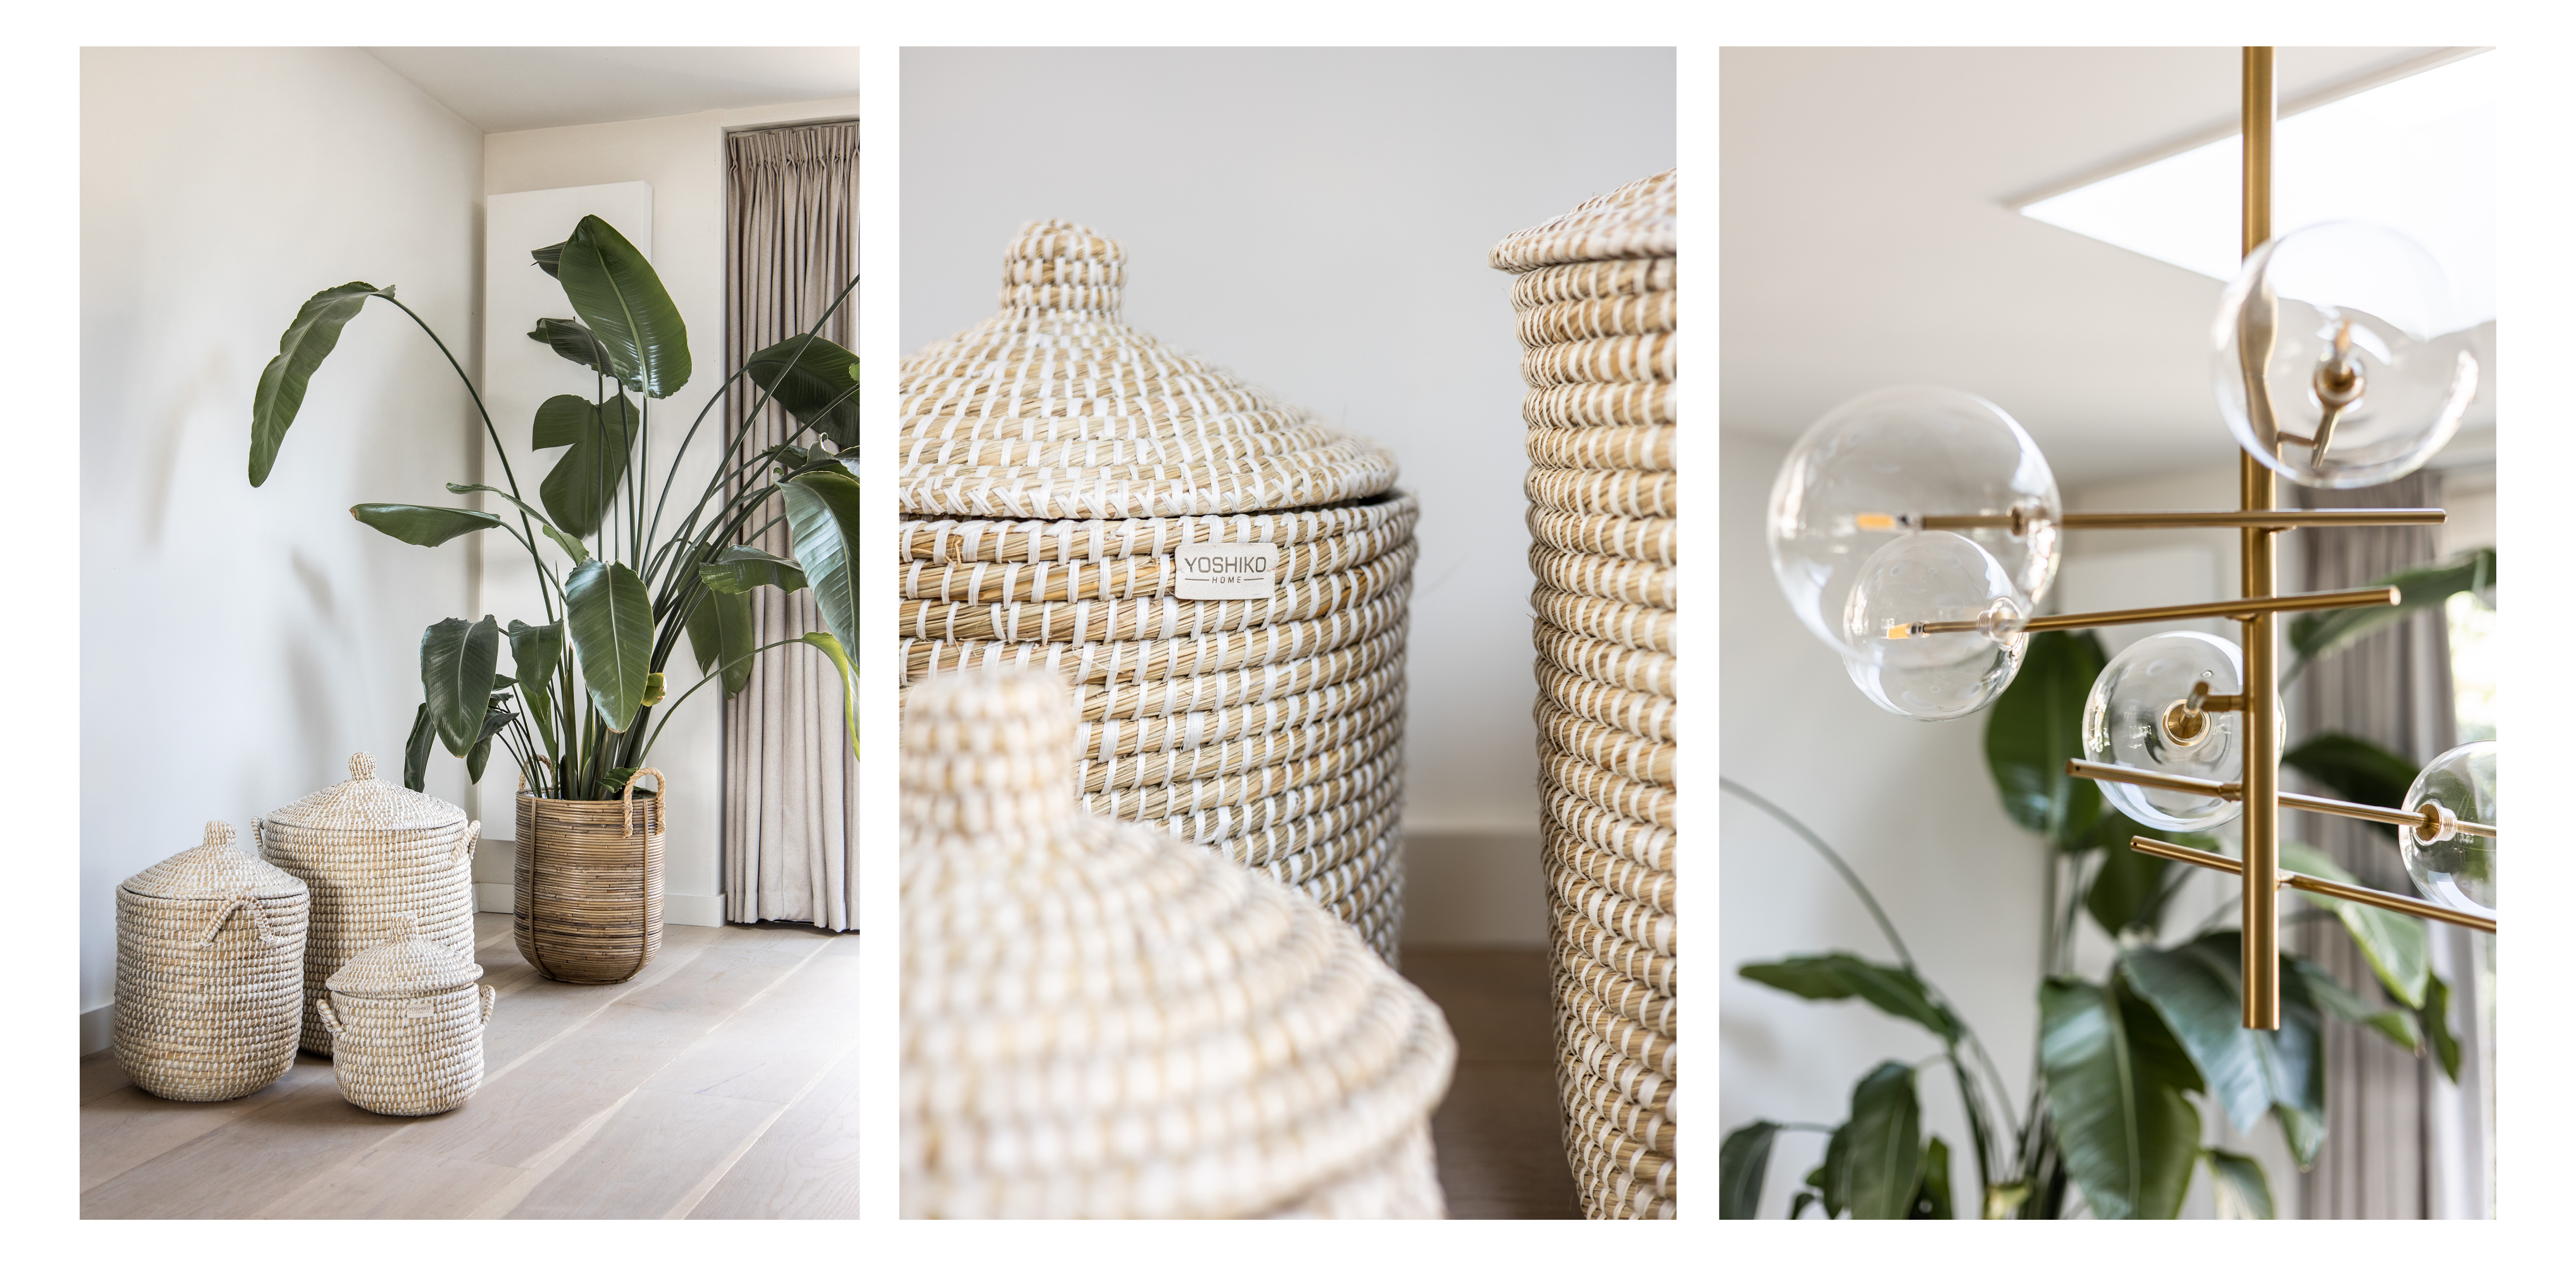 By SIDDE, Borre, binnenkijker, interieurinspiratie, inspiratie, interieur, styling, interieuradvies, woonkamer, bouclé